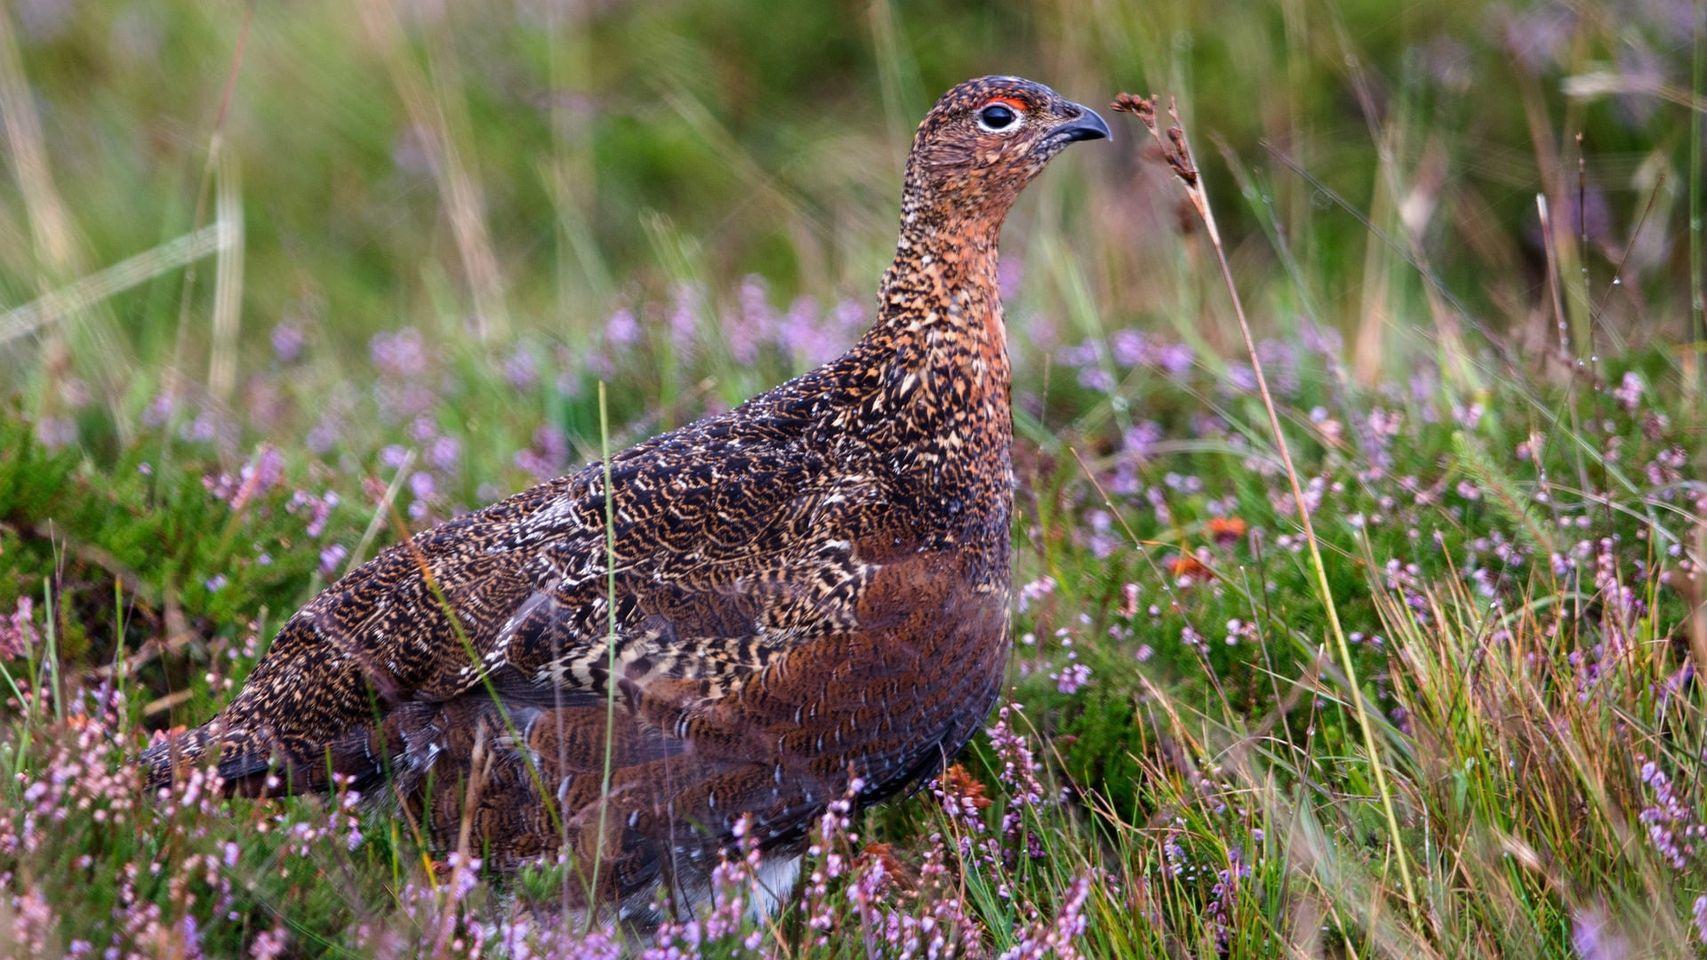 Nouvelle consultation publique concernant les dates d'ouvertures et clôture de la chasse dans l'Orne